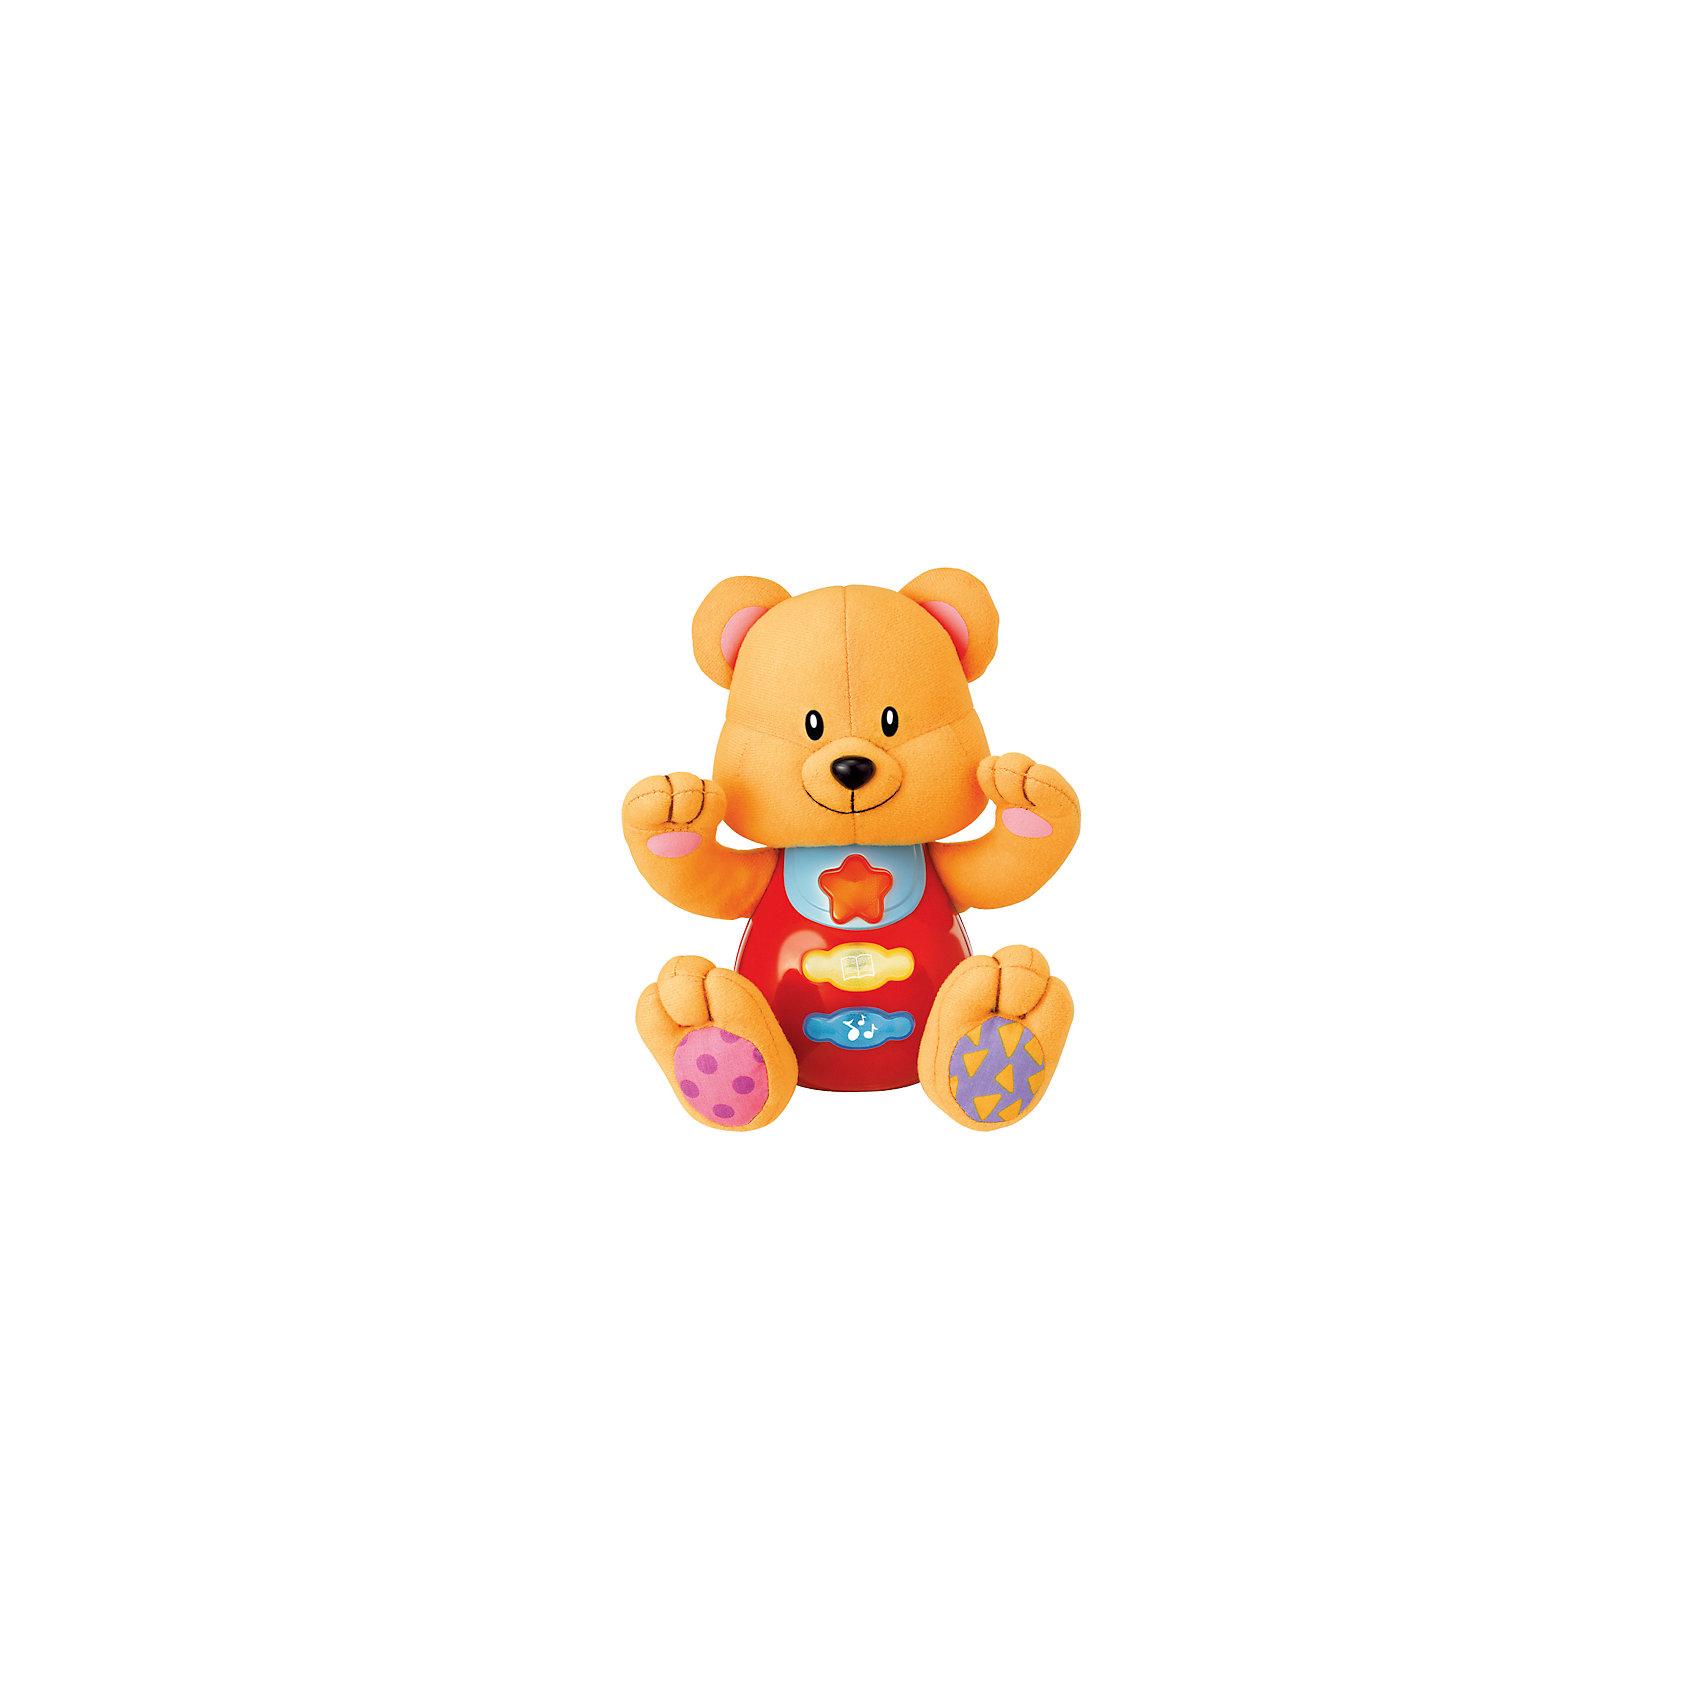 Обучающая игрушка Стихи А.Барто - Медведь, со светом и звуком, УмкаОбучающая игрушка Стихи А.Барто, со светом и звуком, Умка – это увлекательный, развивающий подарок для Вашего малыша. Обучающий забавный зверек познакомит ребёнка с добрыми детскими стишками и песенкой. На животике расположены три кнопки. При нажатии на одну из них малыш услышит песенку От улыбки. При нажатии на вторую - 6 приятных мелодий. При нажатии на кнопку с книжкой поочередно прозвучат 5 замечательных стихотворений А. Барто из серии Игрушки (Бычок, Зайка, Лошадка, Слон, Мишка). Все стихи и песенки сопровождаются световыми эффектами. Голова и лапки у игрушек мягкие с шуршащими вставками для развития тактильных ощущений. Туловище изготовлено из высококачественной пластмассы. Игрушка отлично способствует развитию памяти, логики, визуального и слухового восприятия, моторики.  Дополнительная информация:  - Игрушка работает от 2 батареек типа АА (входят в комплект) - Размер медвежонка: 16 х 18 х 8 см. - Размер упаковки: 20 х 21,5 х 11 см. Обучающую игрушку Стихи А.Барто, со светом и звуком, Умка можно купить в нашем интернет-магазине.<br><br>Ширина мм: 120<br>Глубина мм: 220<br>Высота мм: 210<br>Вес г: 470<br>Возраст от месяцев: 6<br>Возраст до месяцев: 60<br>Пол: Унисекс<br>Возраст: Детский<br>SKU: 4838276